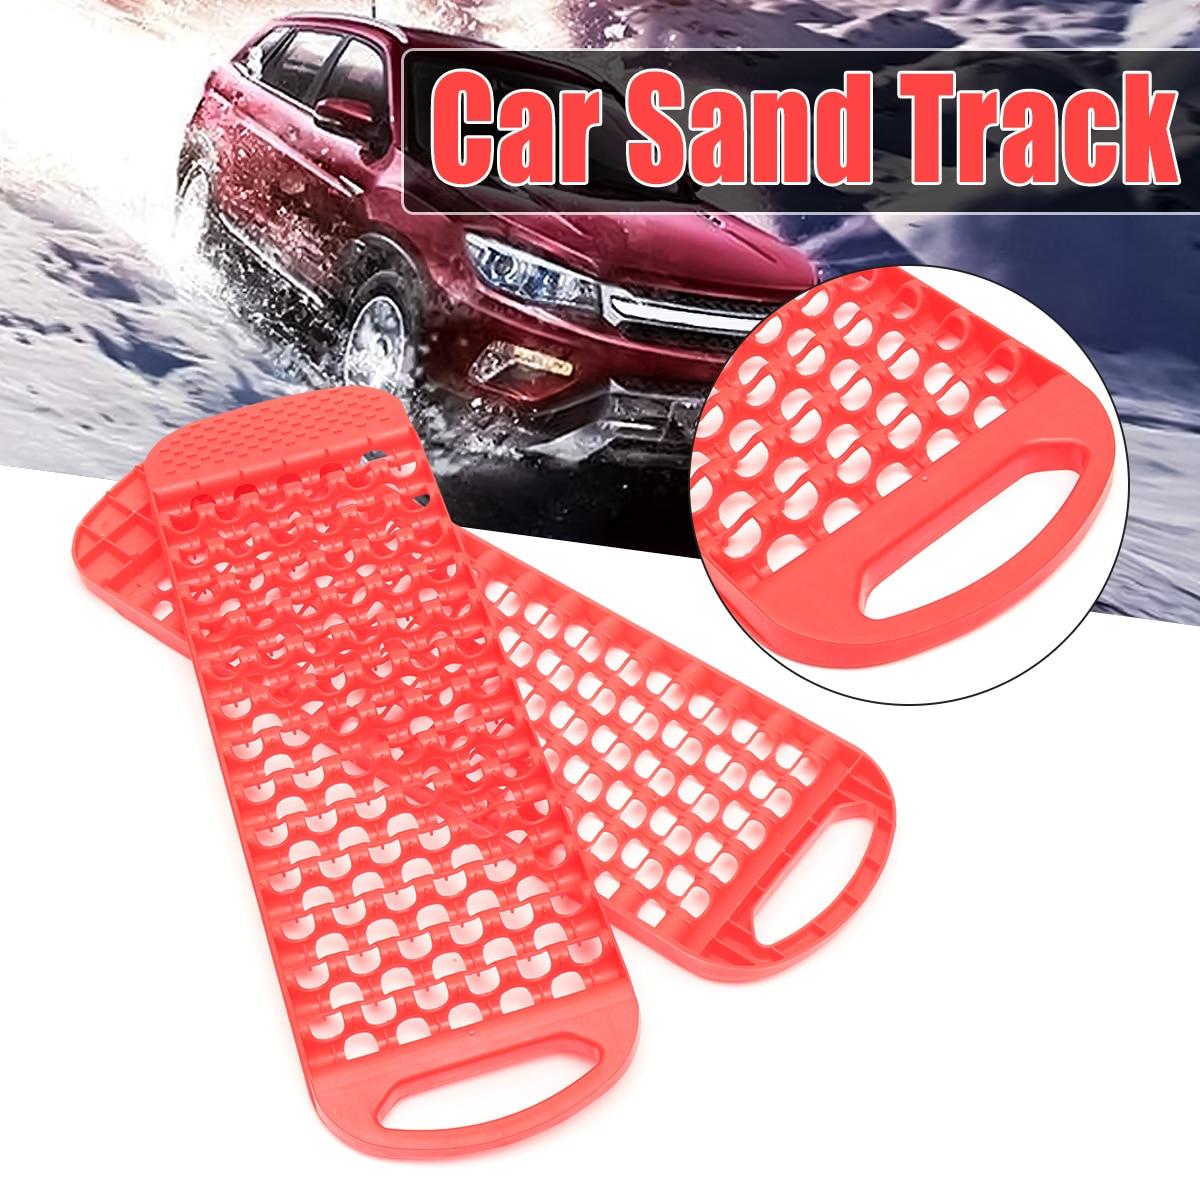 2 шт. автомобильных шин пояс снег грязи цепи песок трек восстановления треков Авто Трава снег Road ATV шин анти- -slip цепной тяги ...